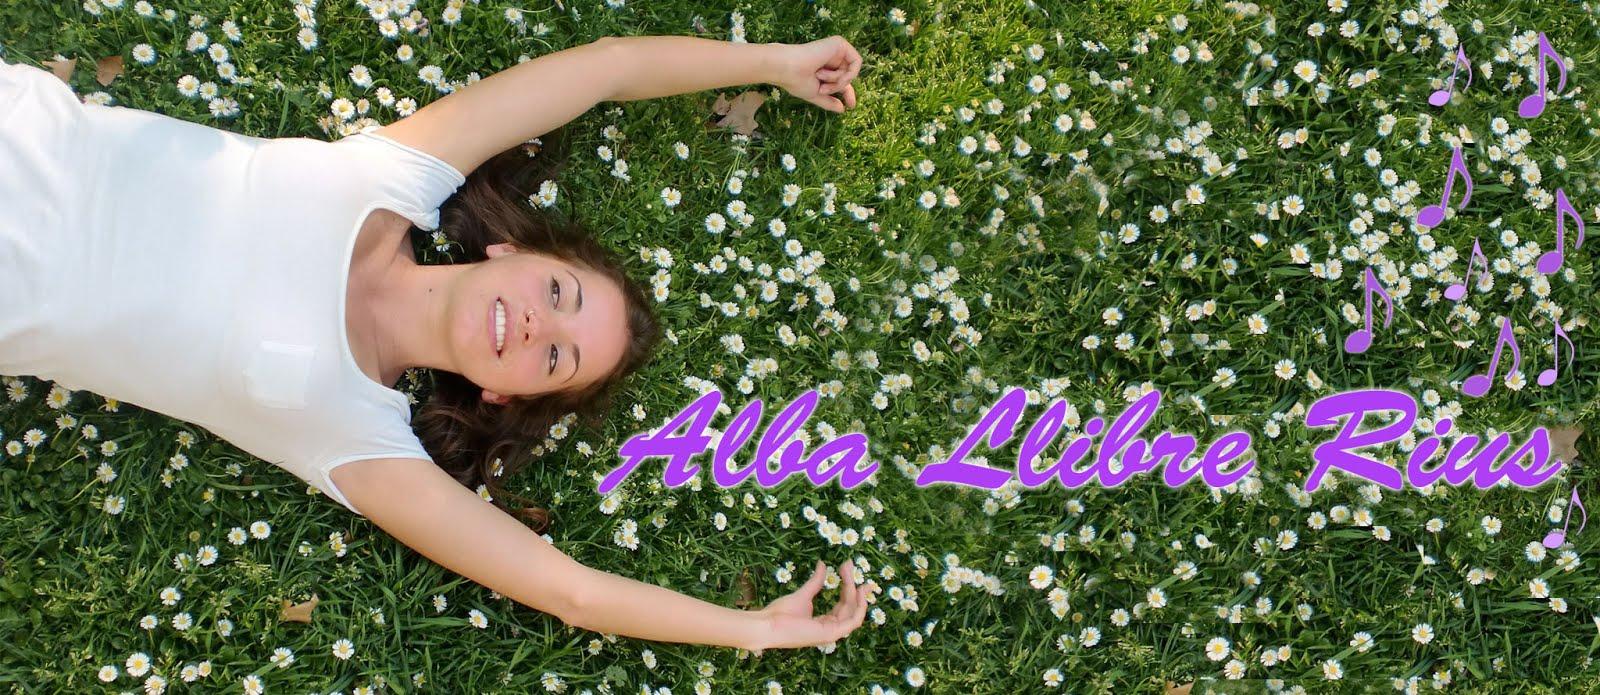 Alba Llibre Rius